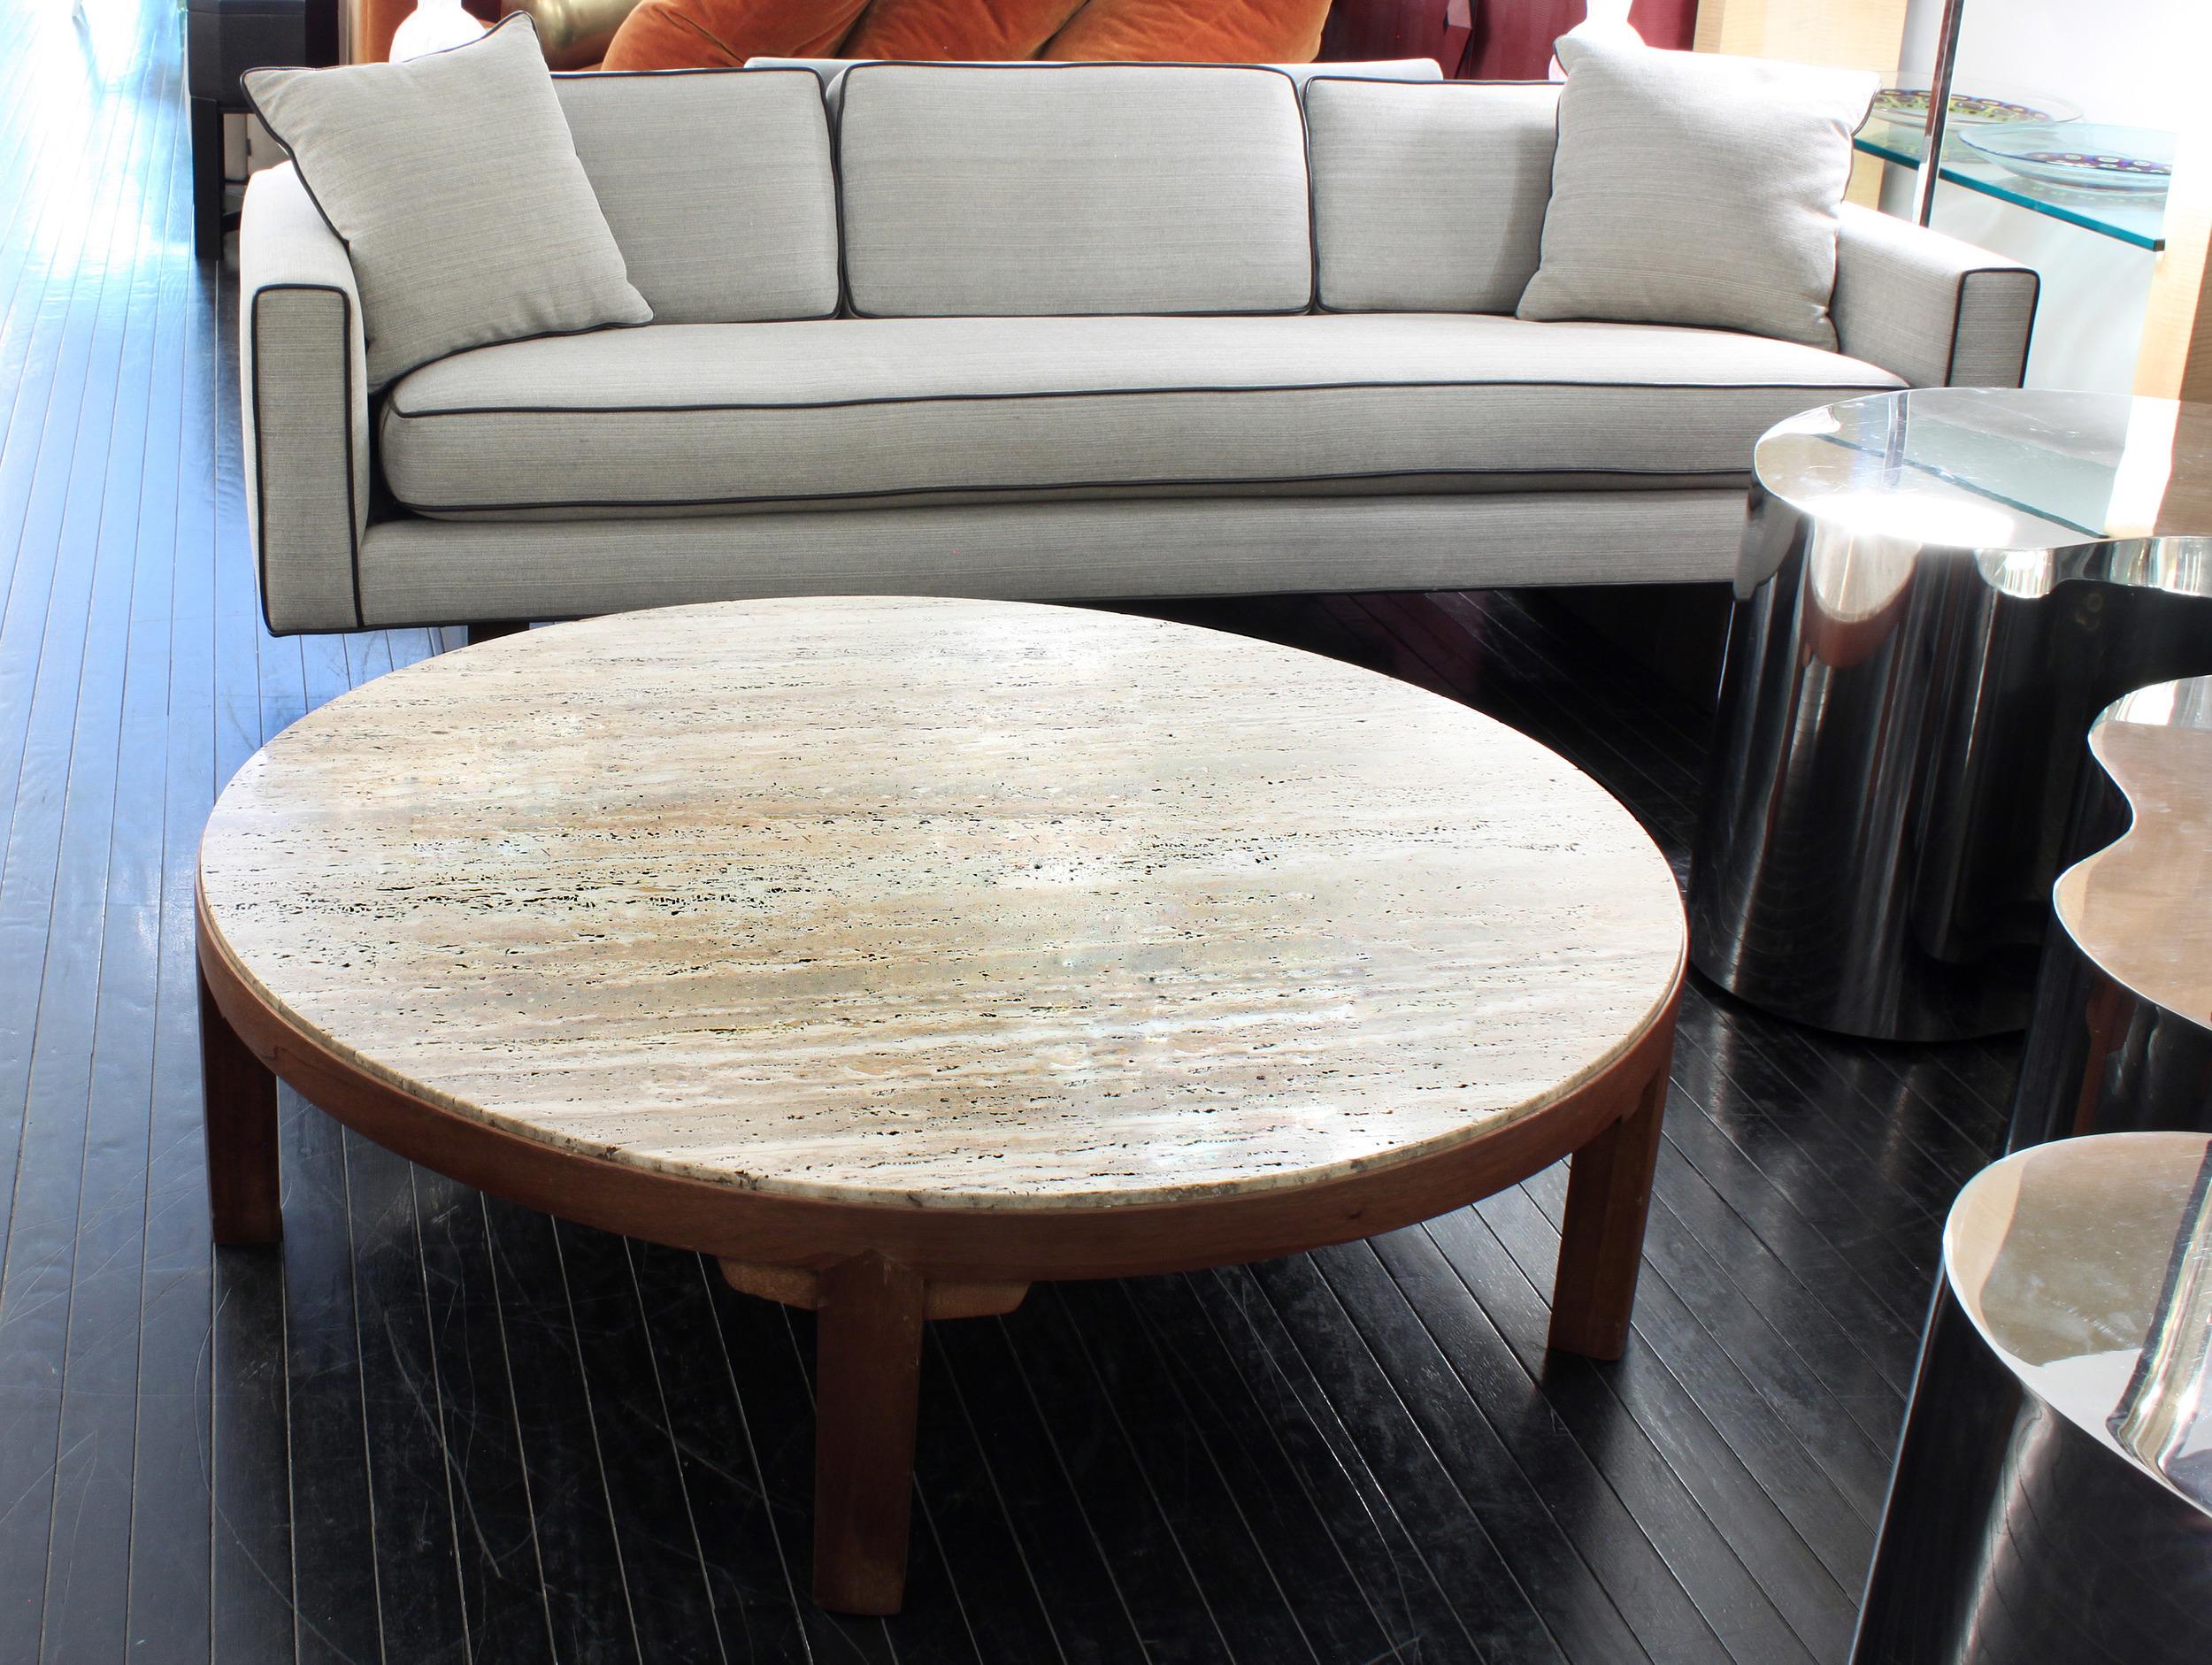 Dunbar 120 round travertine+mahg coffeetable 26 - 2.jpg